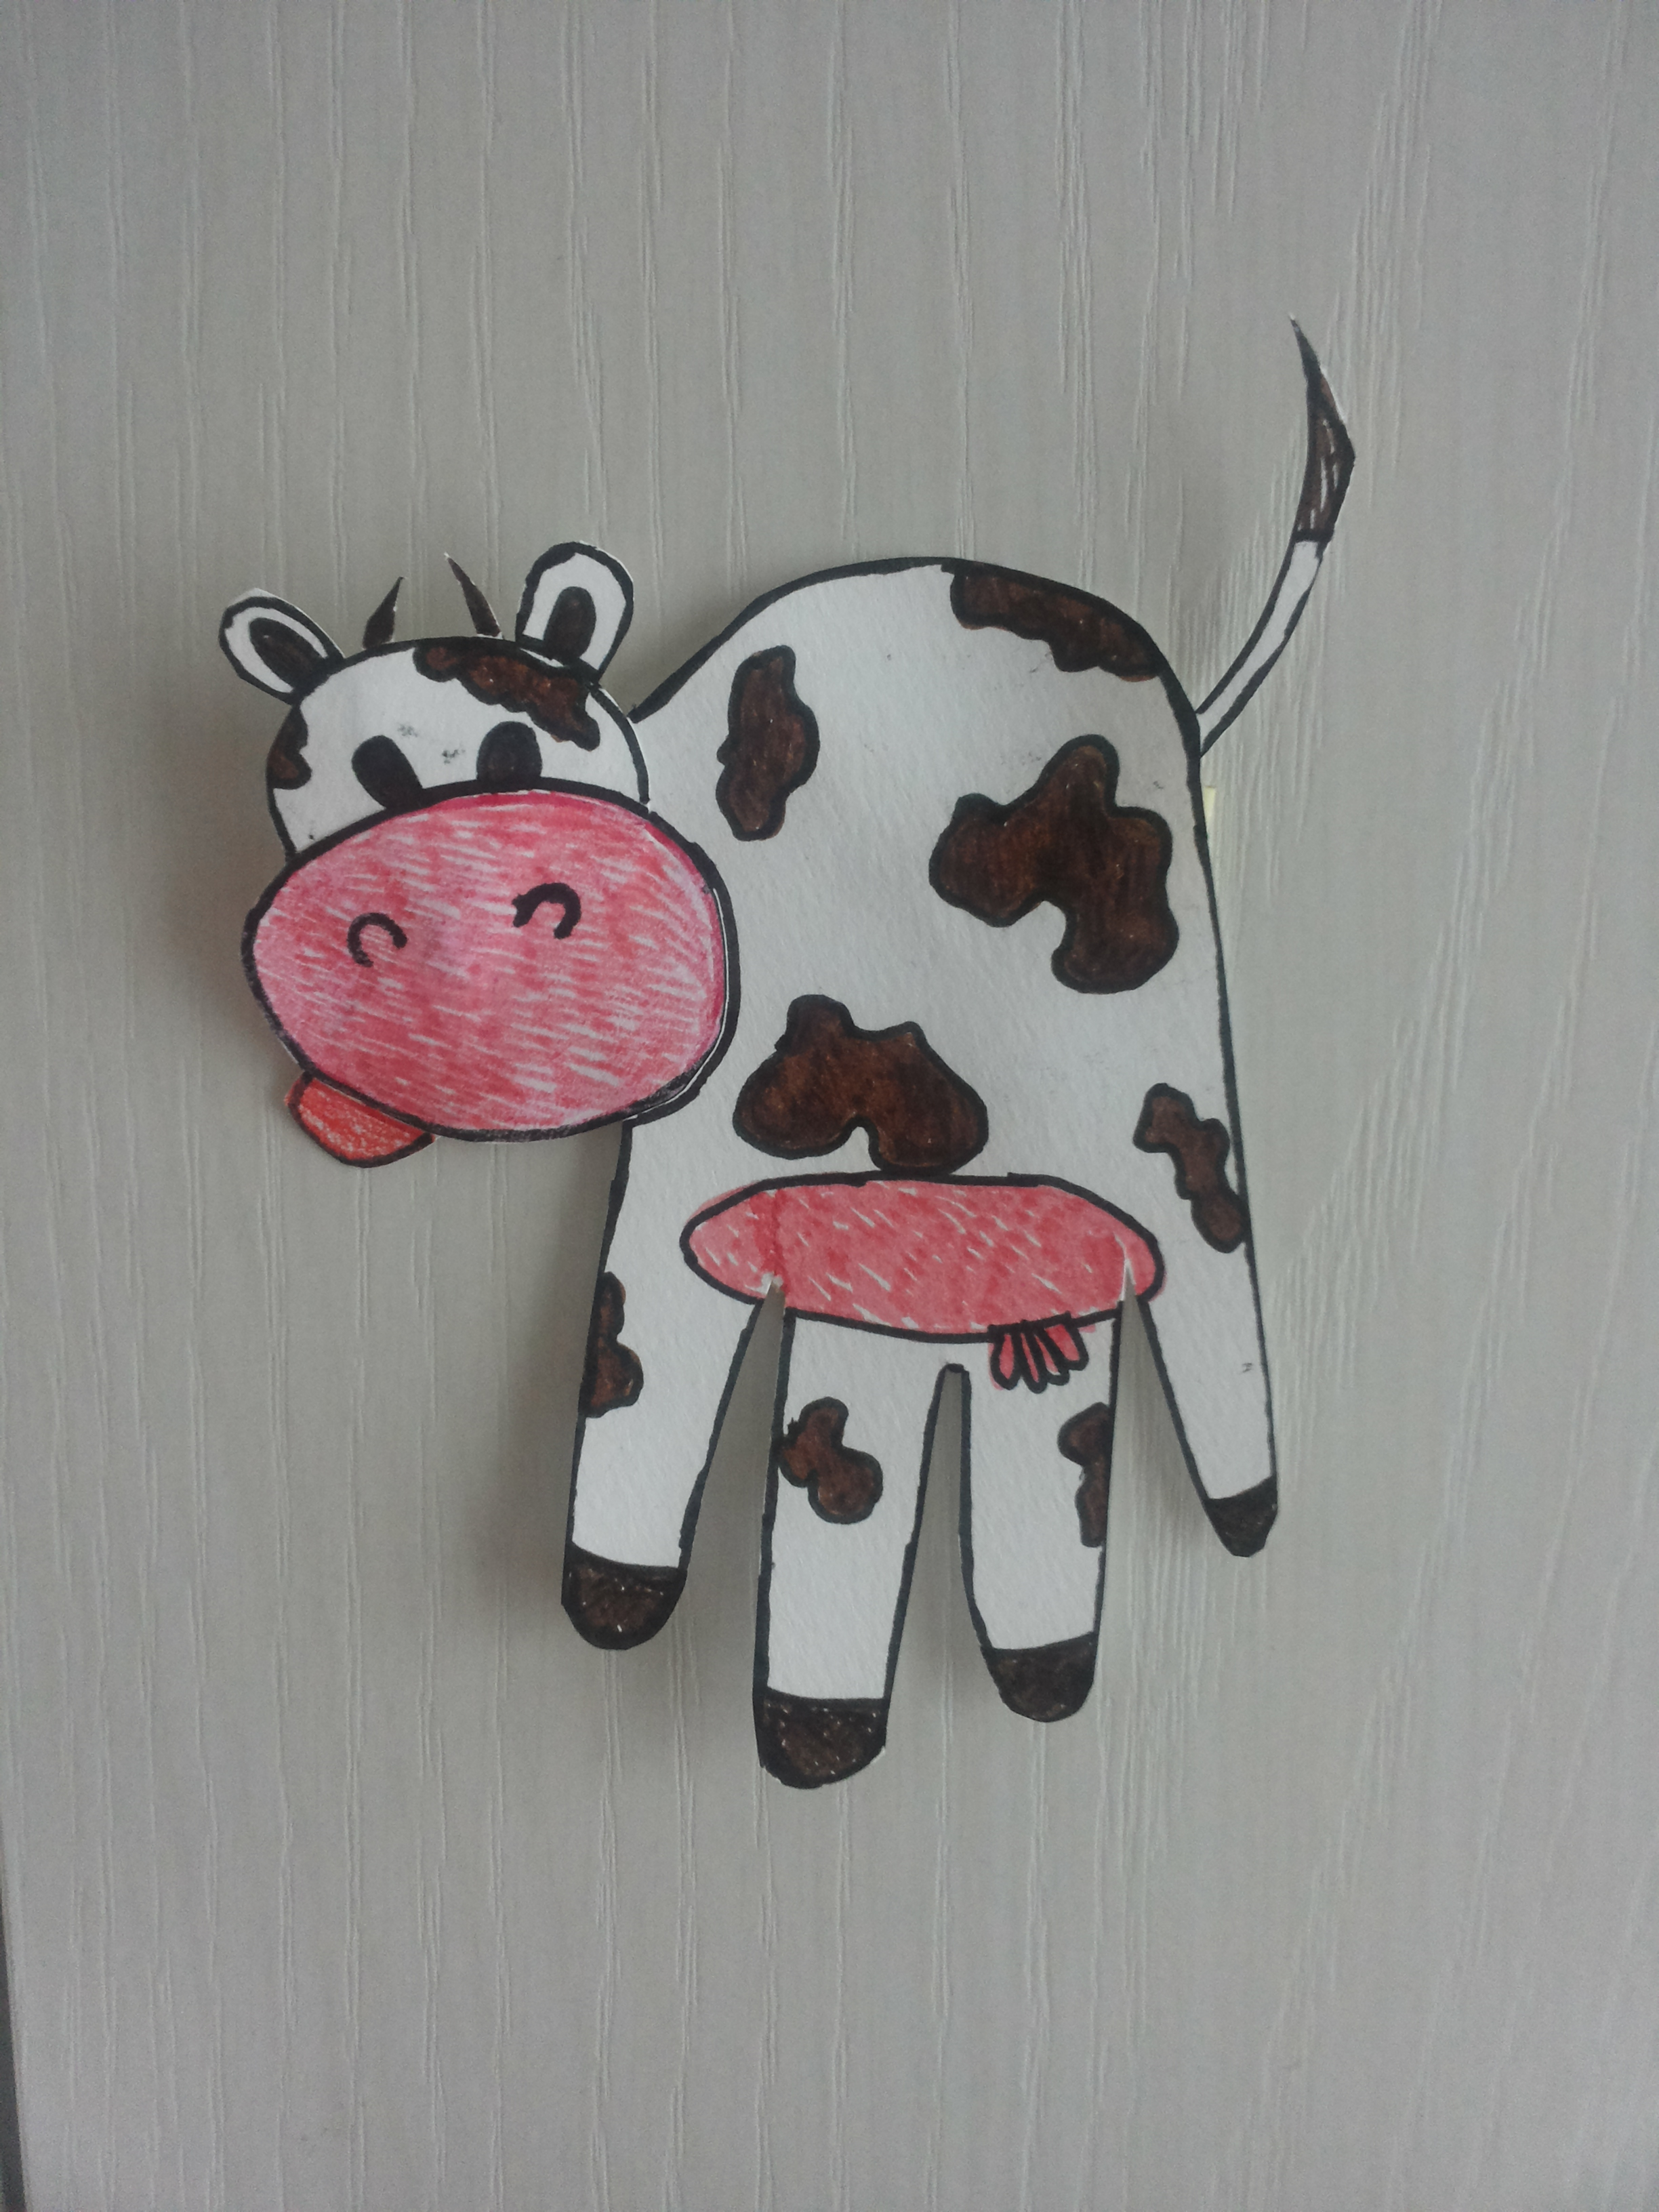 Cornice artistica dei cartoni animati con gli animali in una